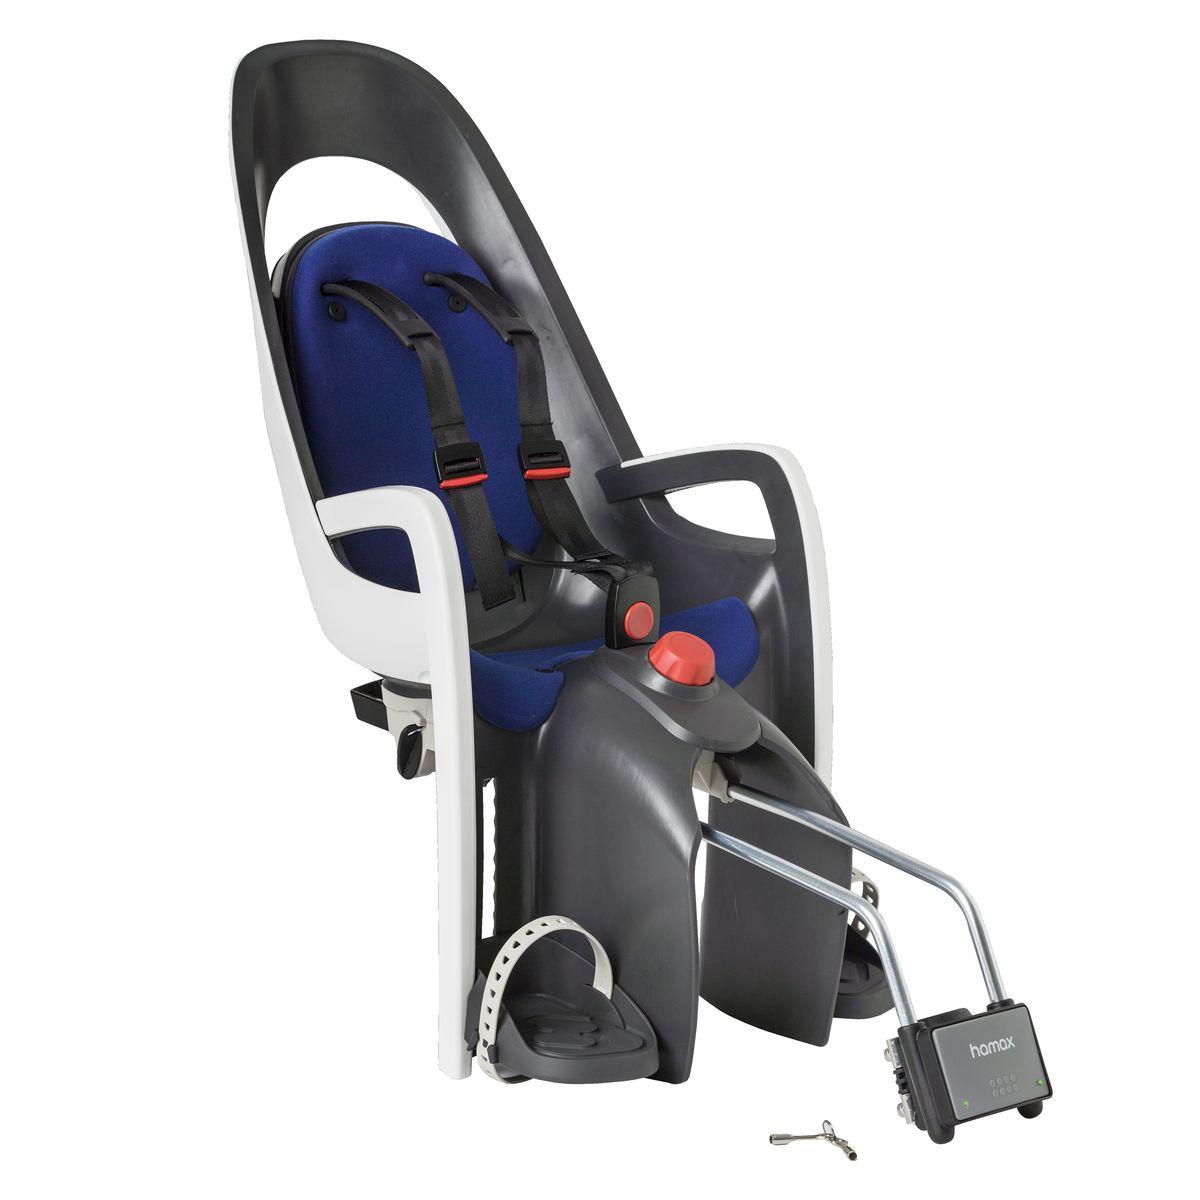 Детское кресло Hamax Caress W/Lockable Bracket, цвет: серый, белый, синий553002Кресло для перевозки детей